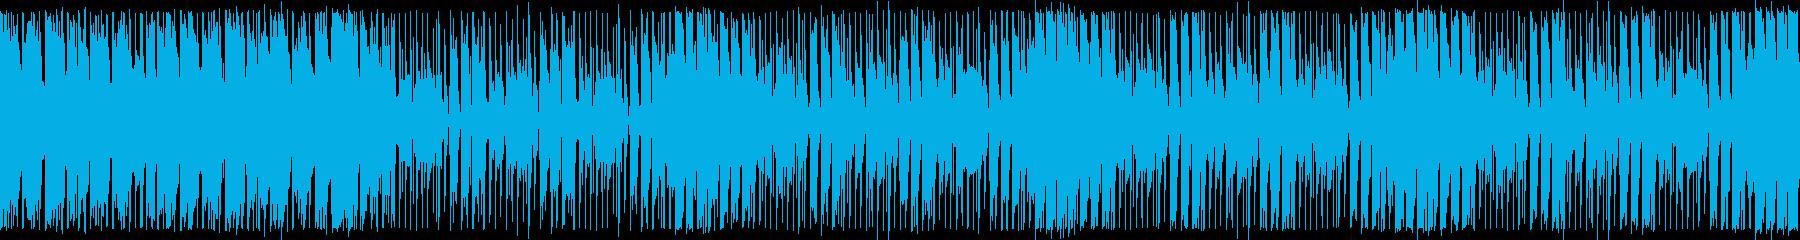 ダンスエクササイズBPM120:ループ版の再生済みの波形